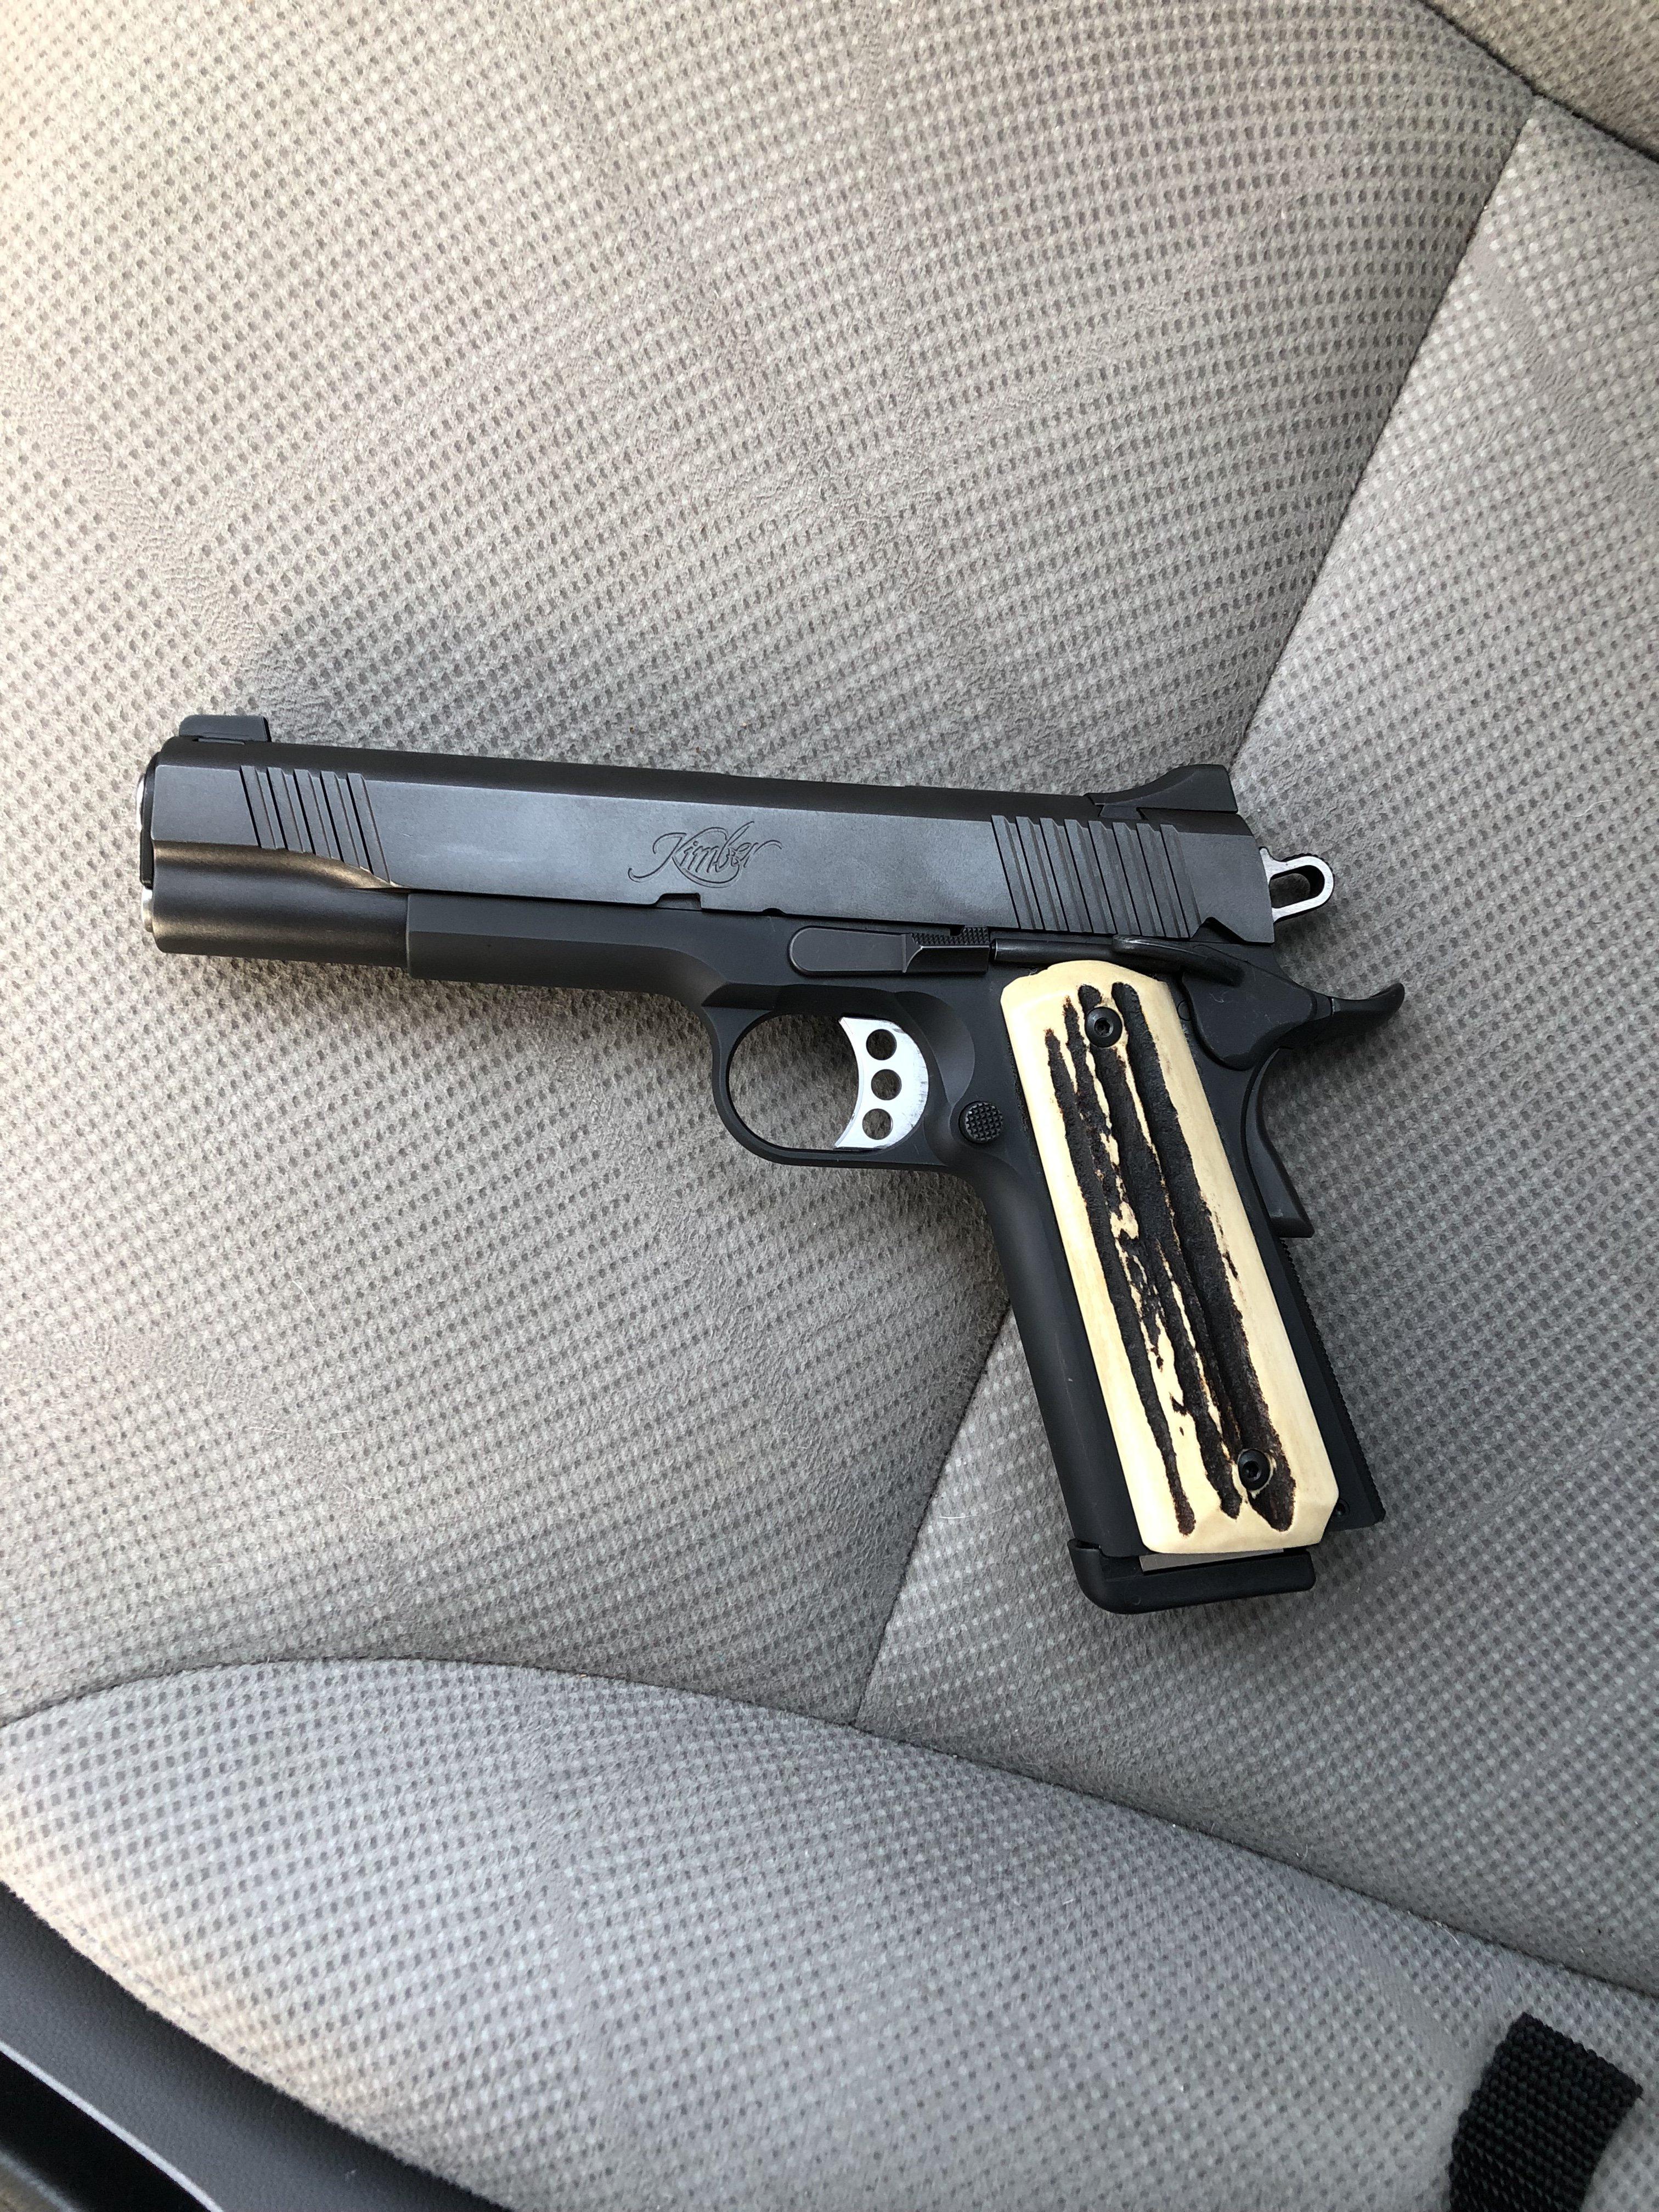 Kimber Custom II | Mississippi Gun Owners - Community for